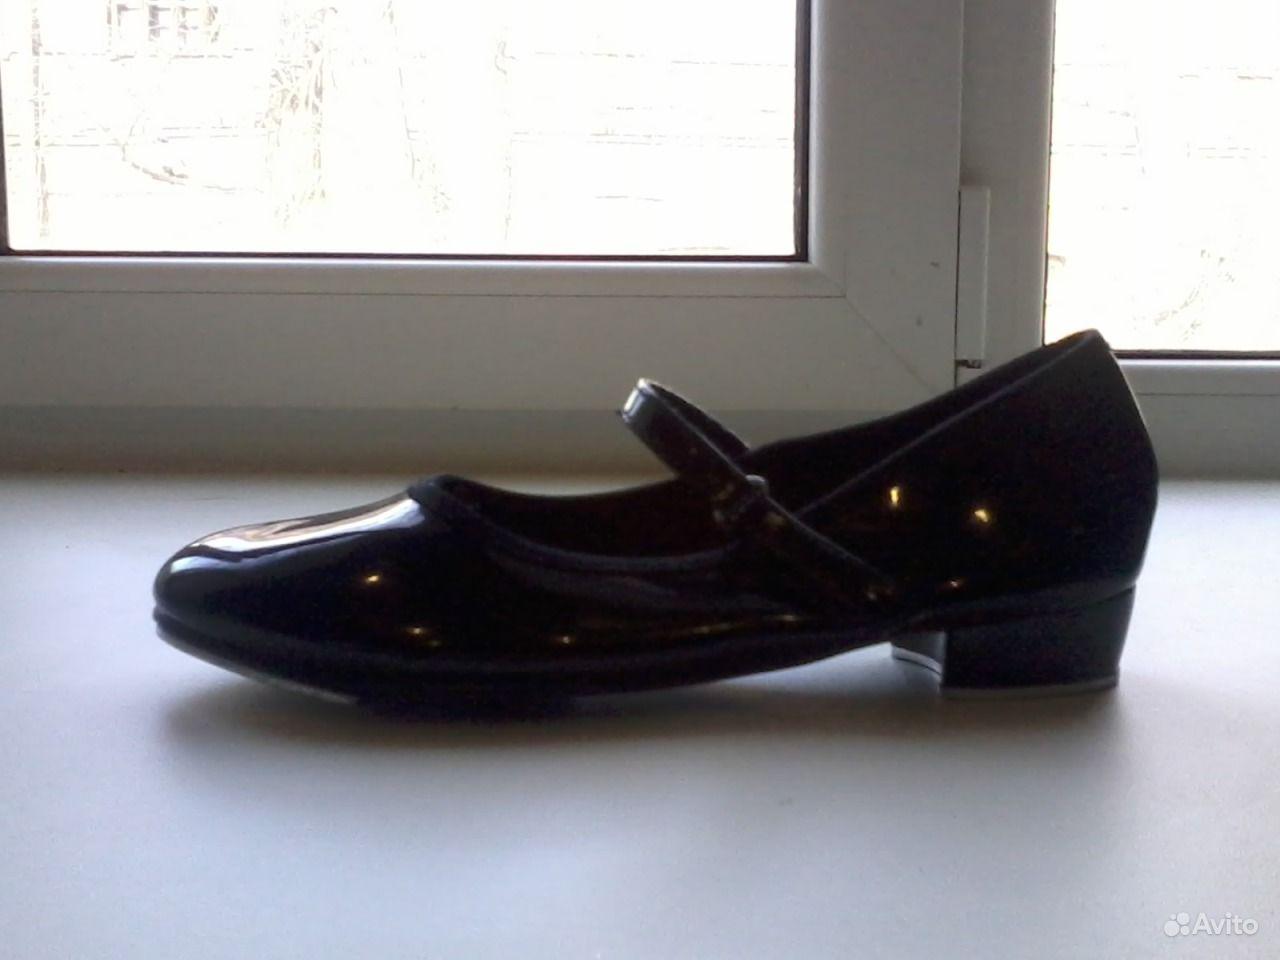 Vero cuoio обувь женская цена станет